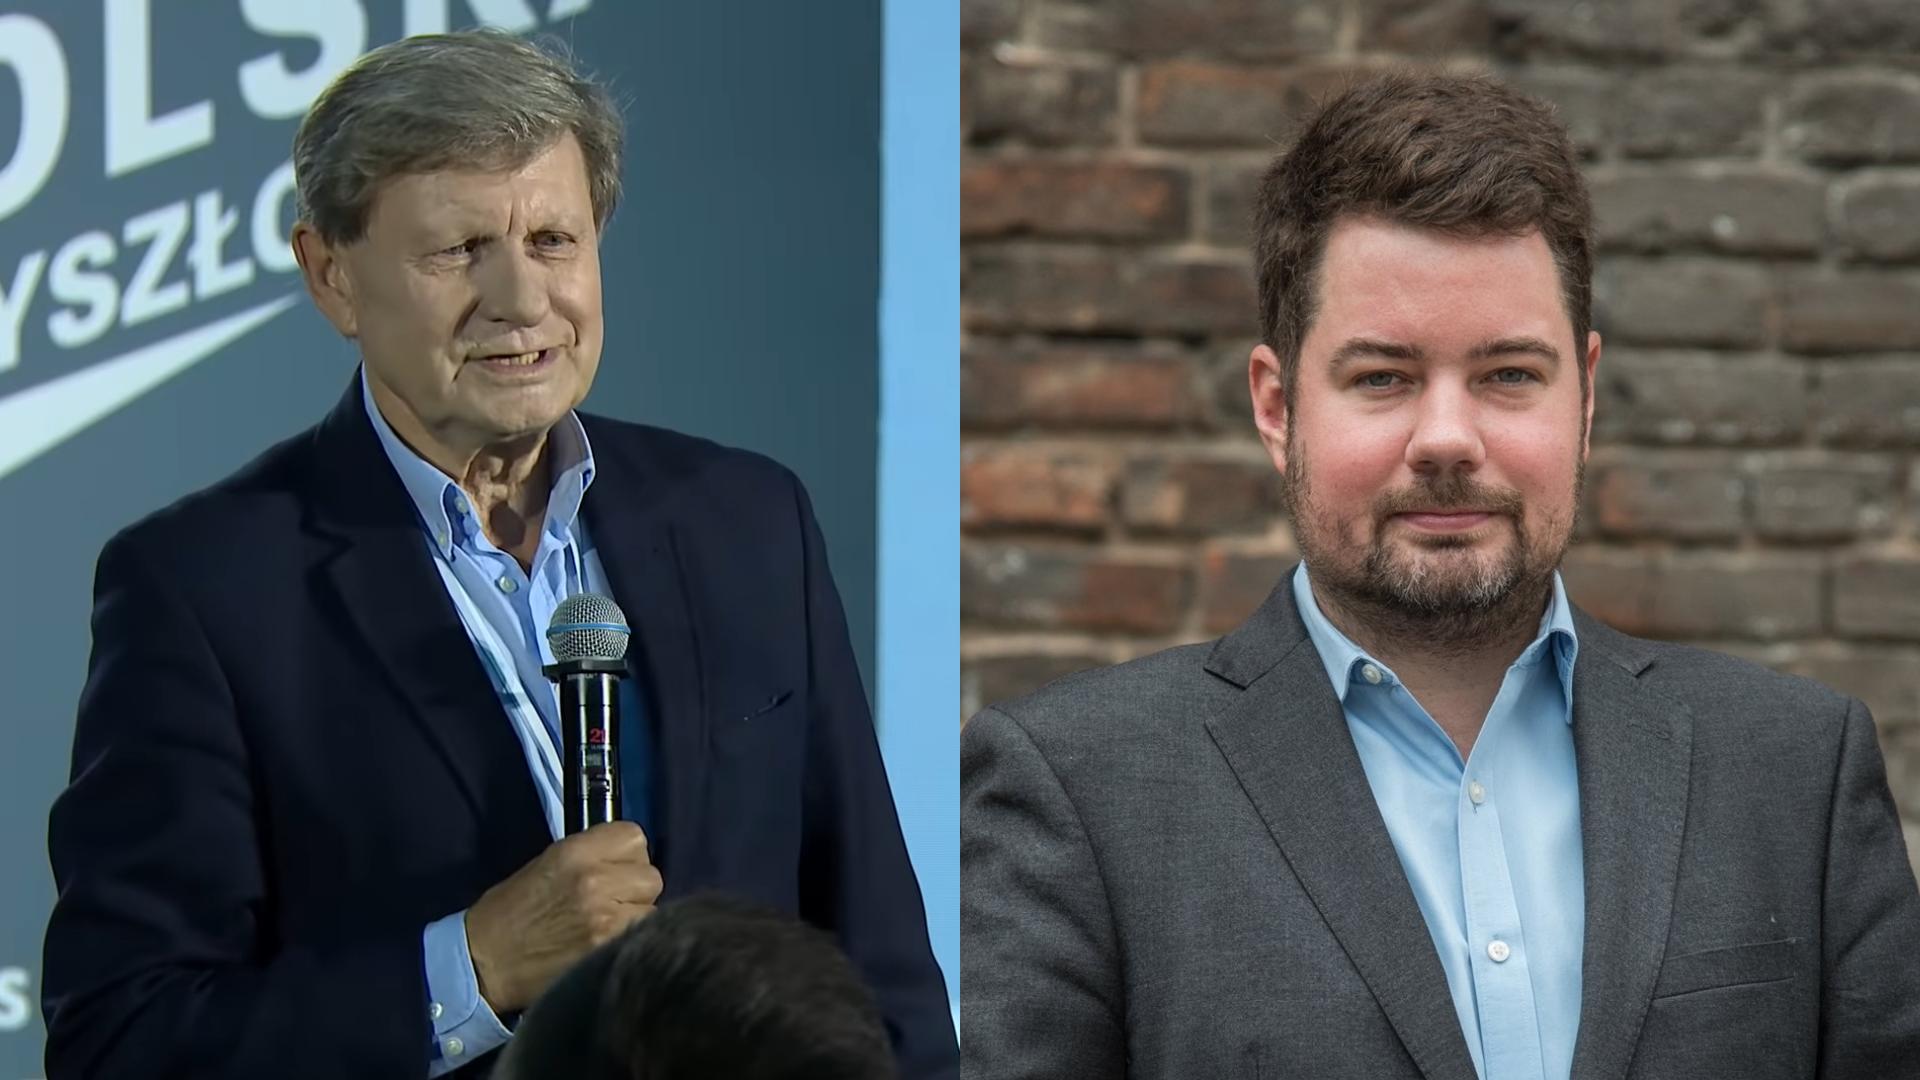 """Rydliński o słowach Balcerowicza: """"To powrót do przeszłości"""""""